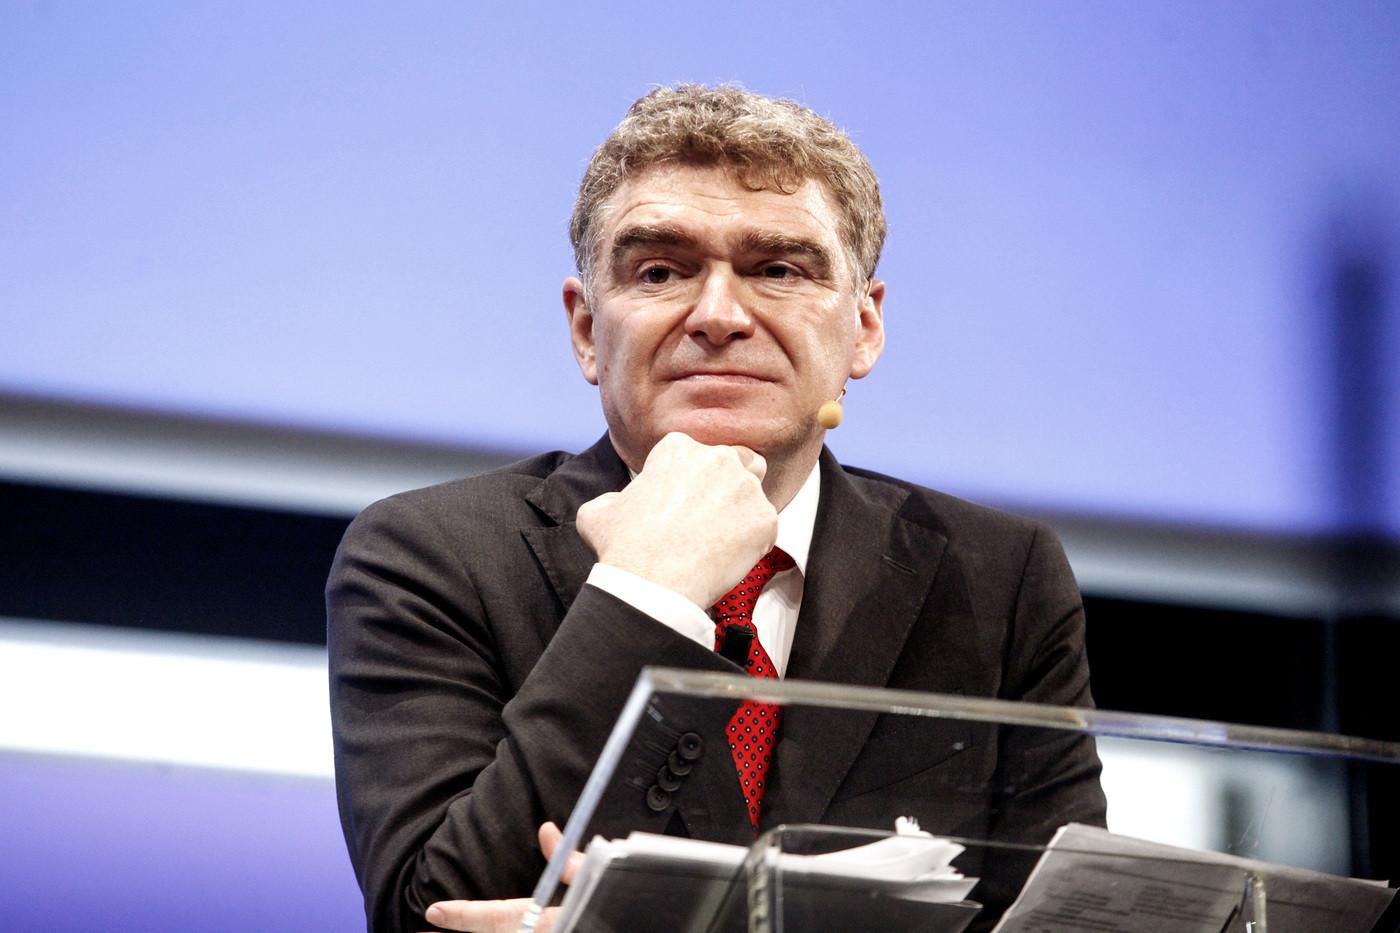 Mario Nava DG Reform